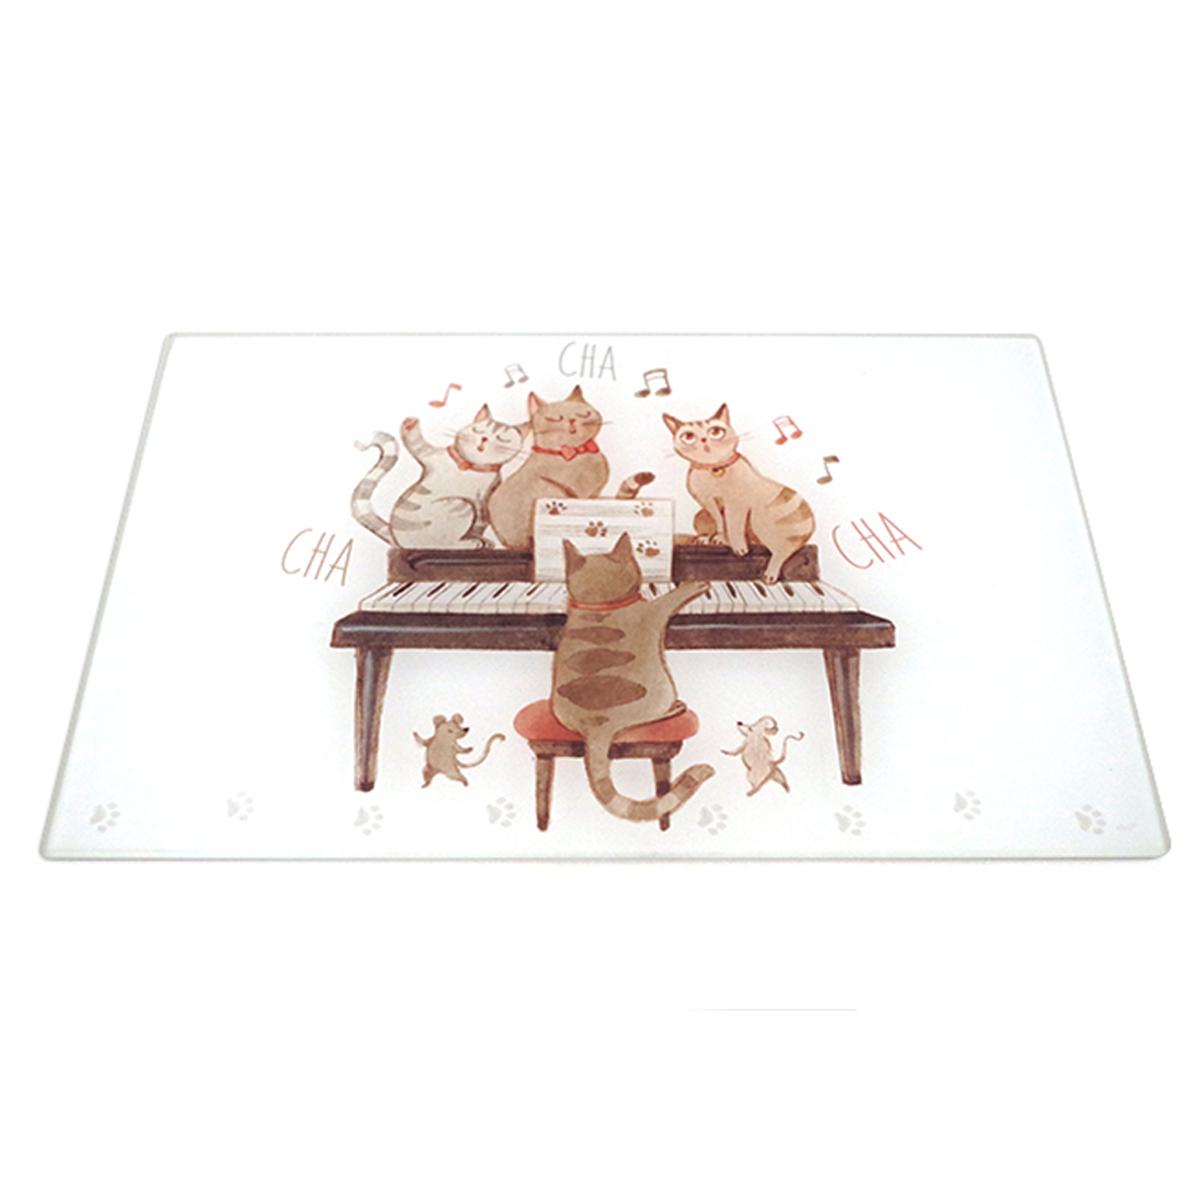 Planche à découpe / dessous de plat verre  \'Chats\' marron blanc (musiciens) - 30x20 cm - [A0254]